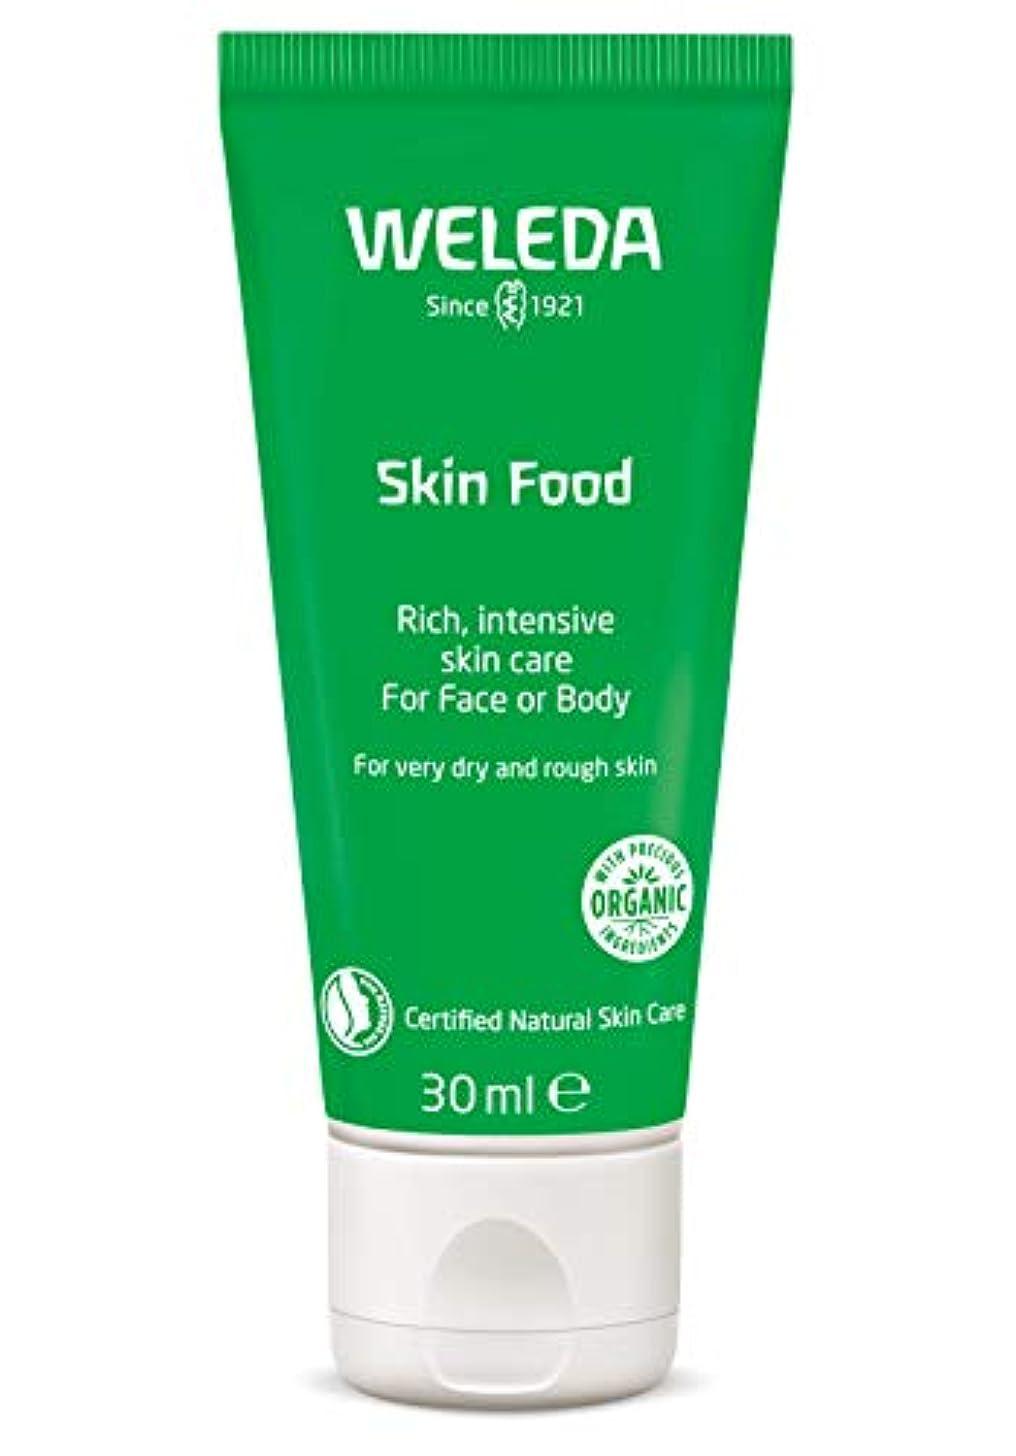 拒否シンク腫瘍WELEDA(ヴェレダ) スキンフード(全身用クリーム) 30ml 【ひどい乾燥やゴワつきに?手や肘、かかとなどの集中ケアに?肌荒れしやすい季節のお顔のケアに】